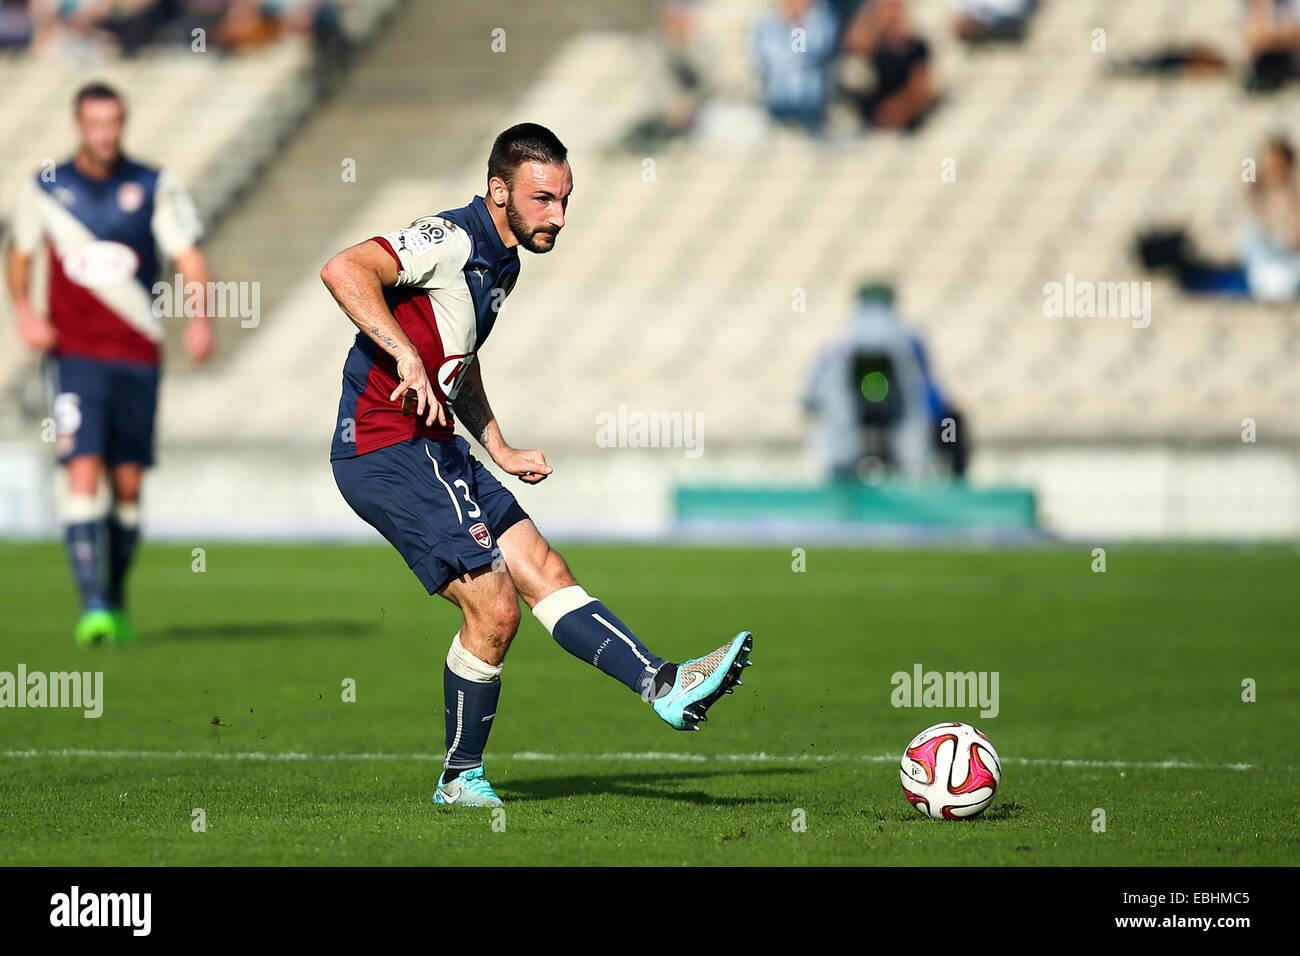 Diego contento - 30.11.2014 - Bordeaux/Lille - 15eme journee de Ligue 1 Photo : Manuel Blondau/Icona Sport Immagini Stock